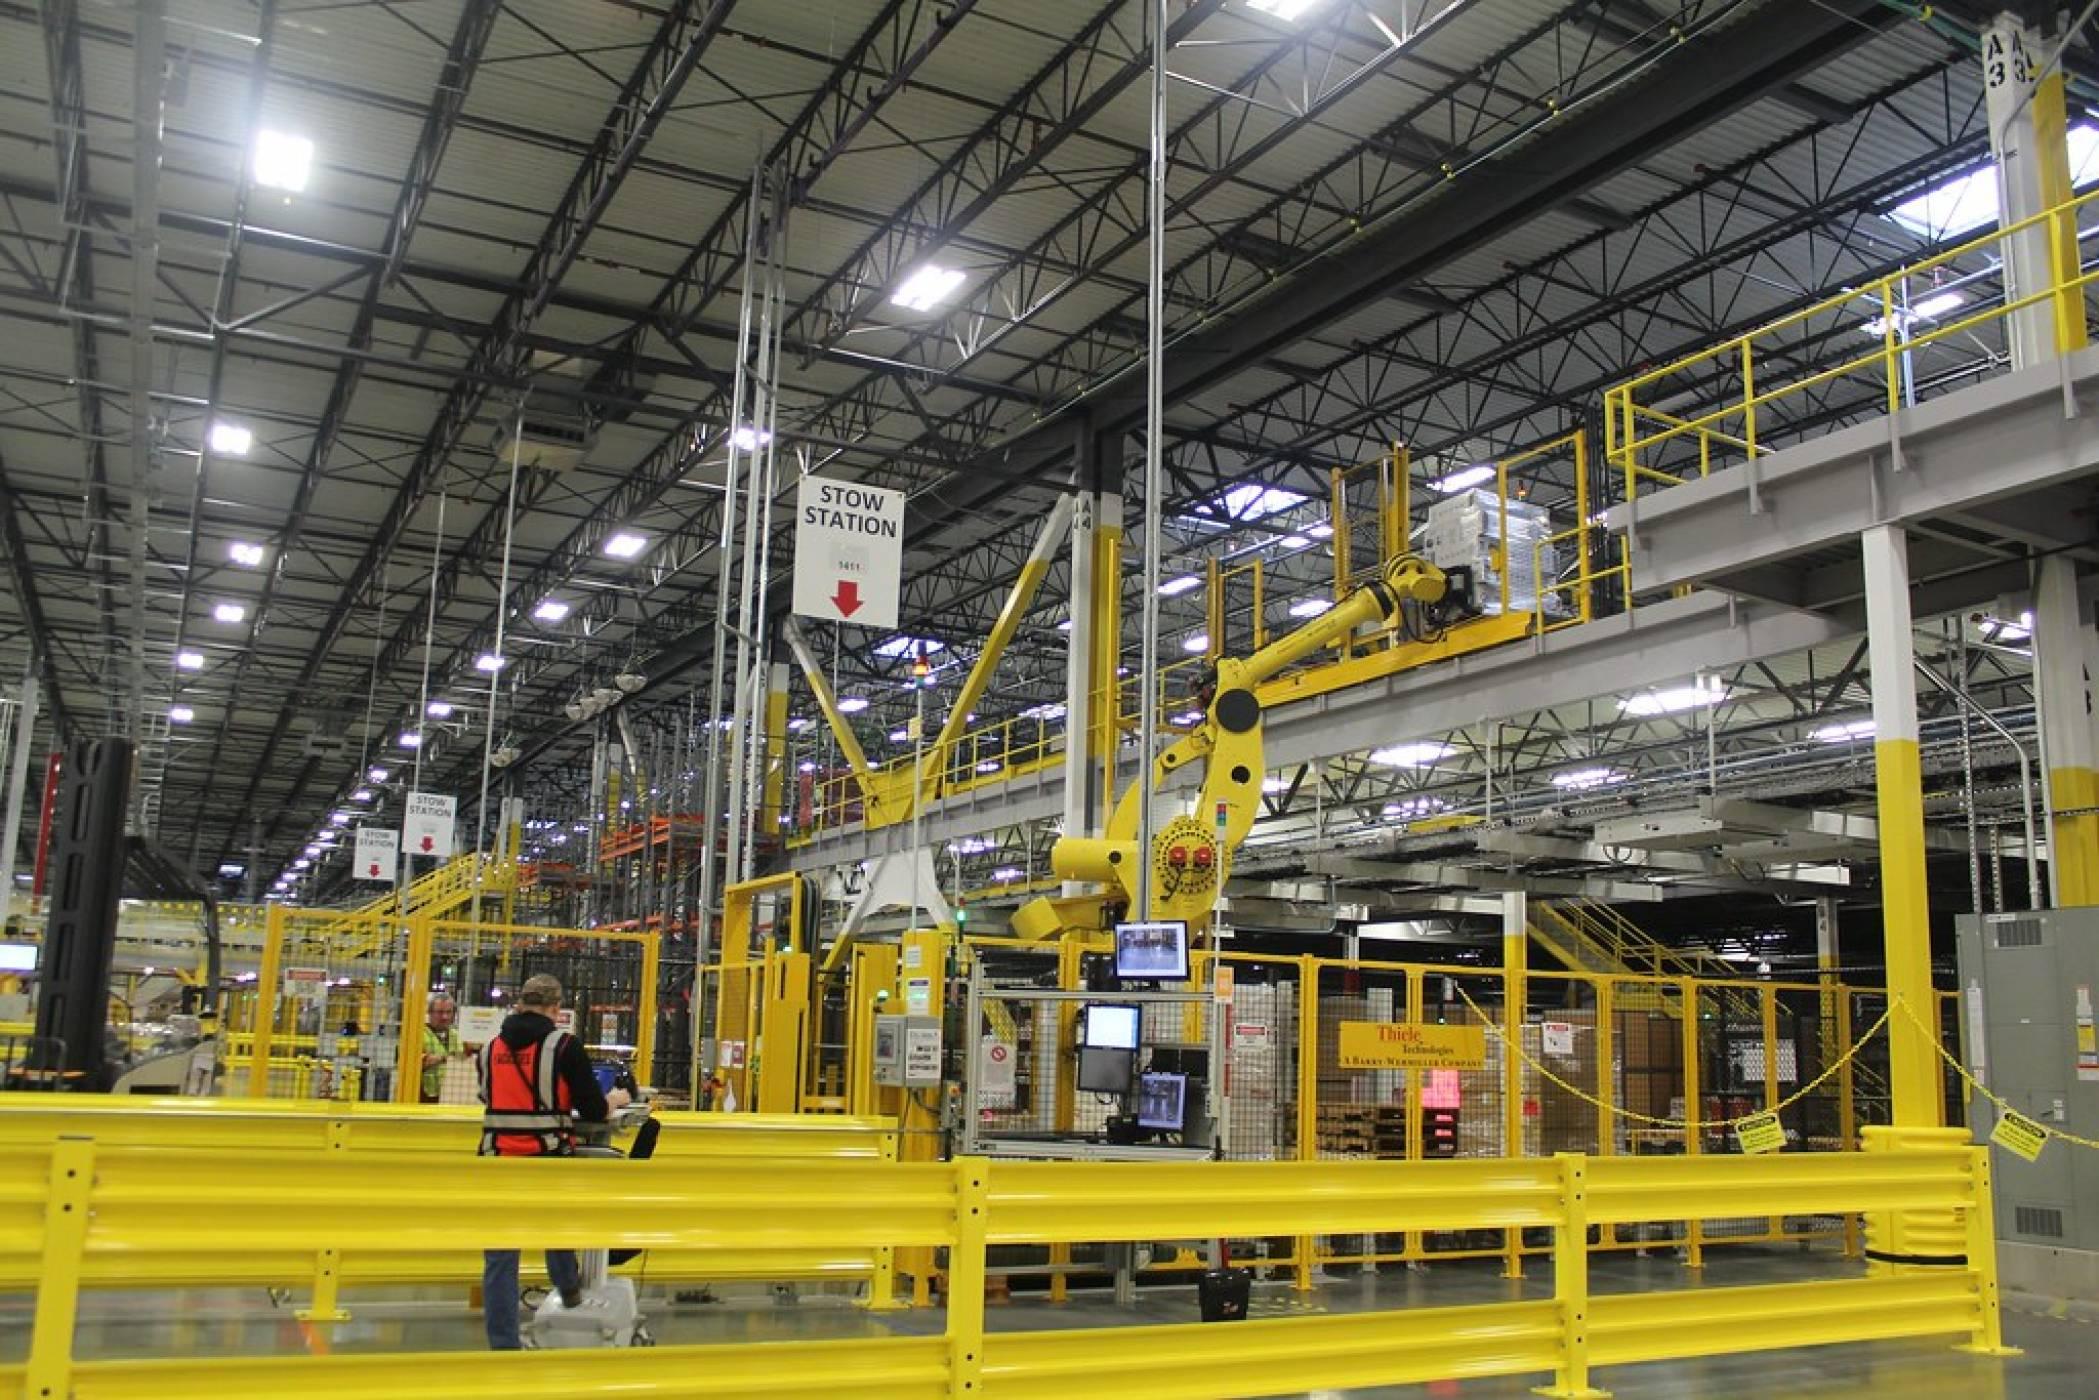 Роботите в складовете на Amazon няма да изместят хората поне още десетилетие